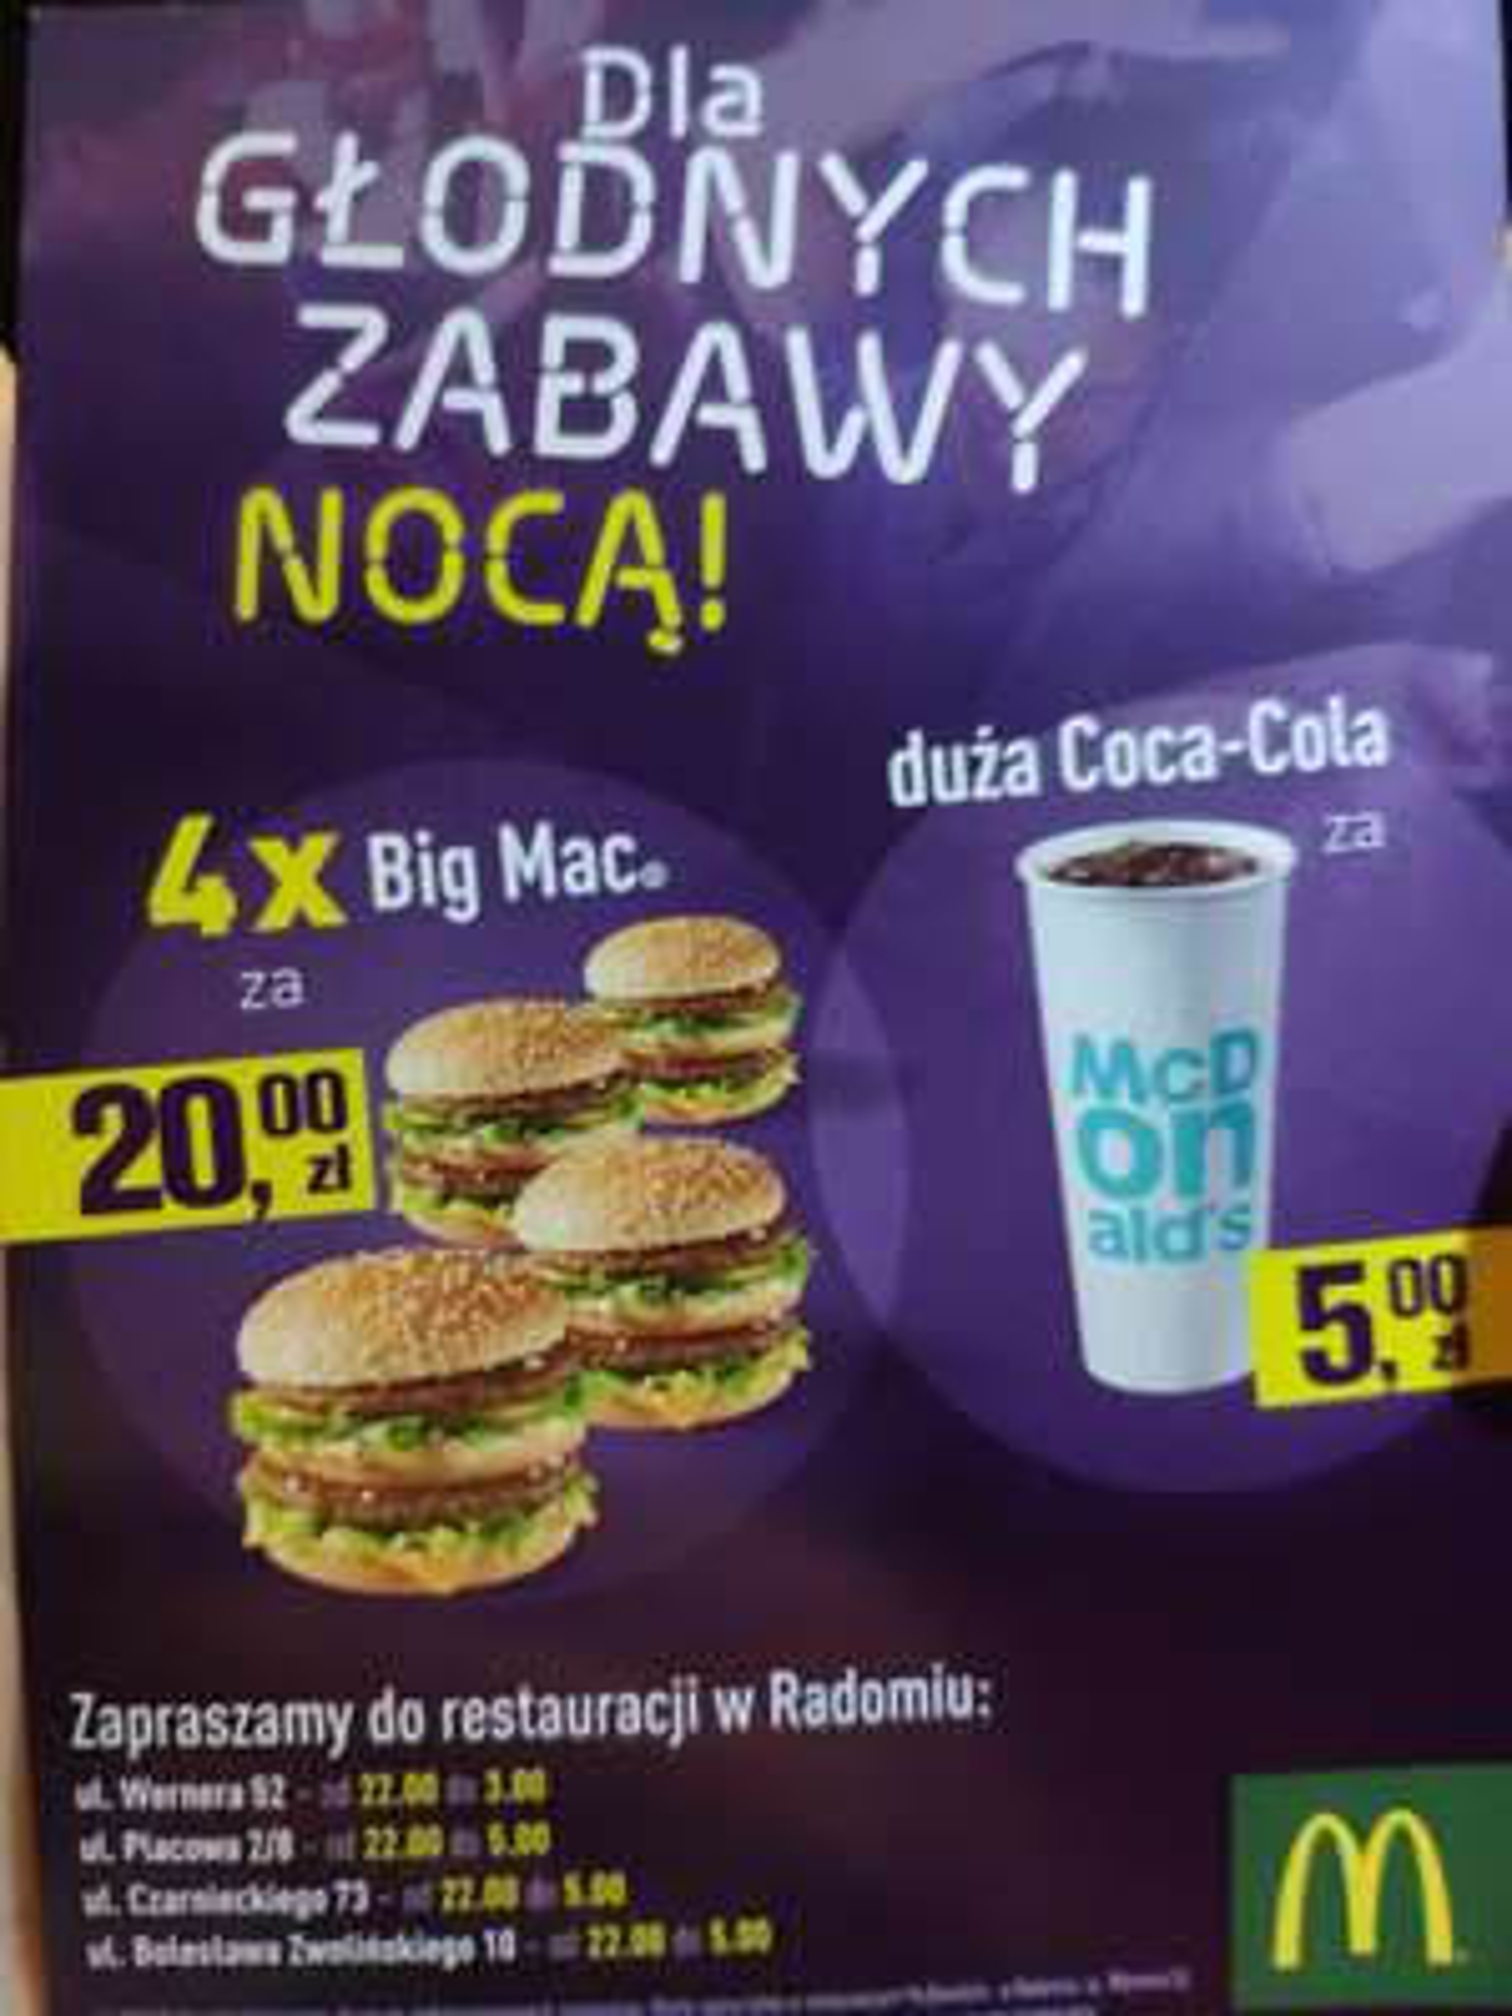 4x Big Mac za 20zł i duza Cola za 5zł (od godz 22) RADOM